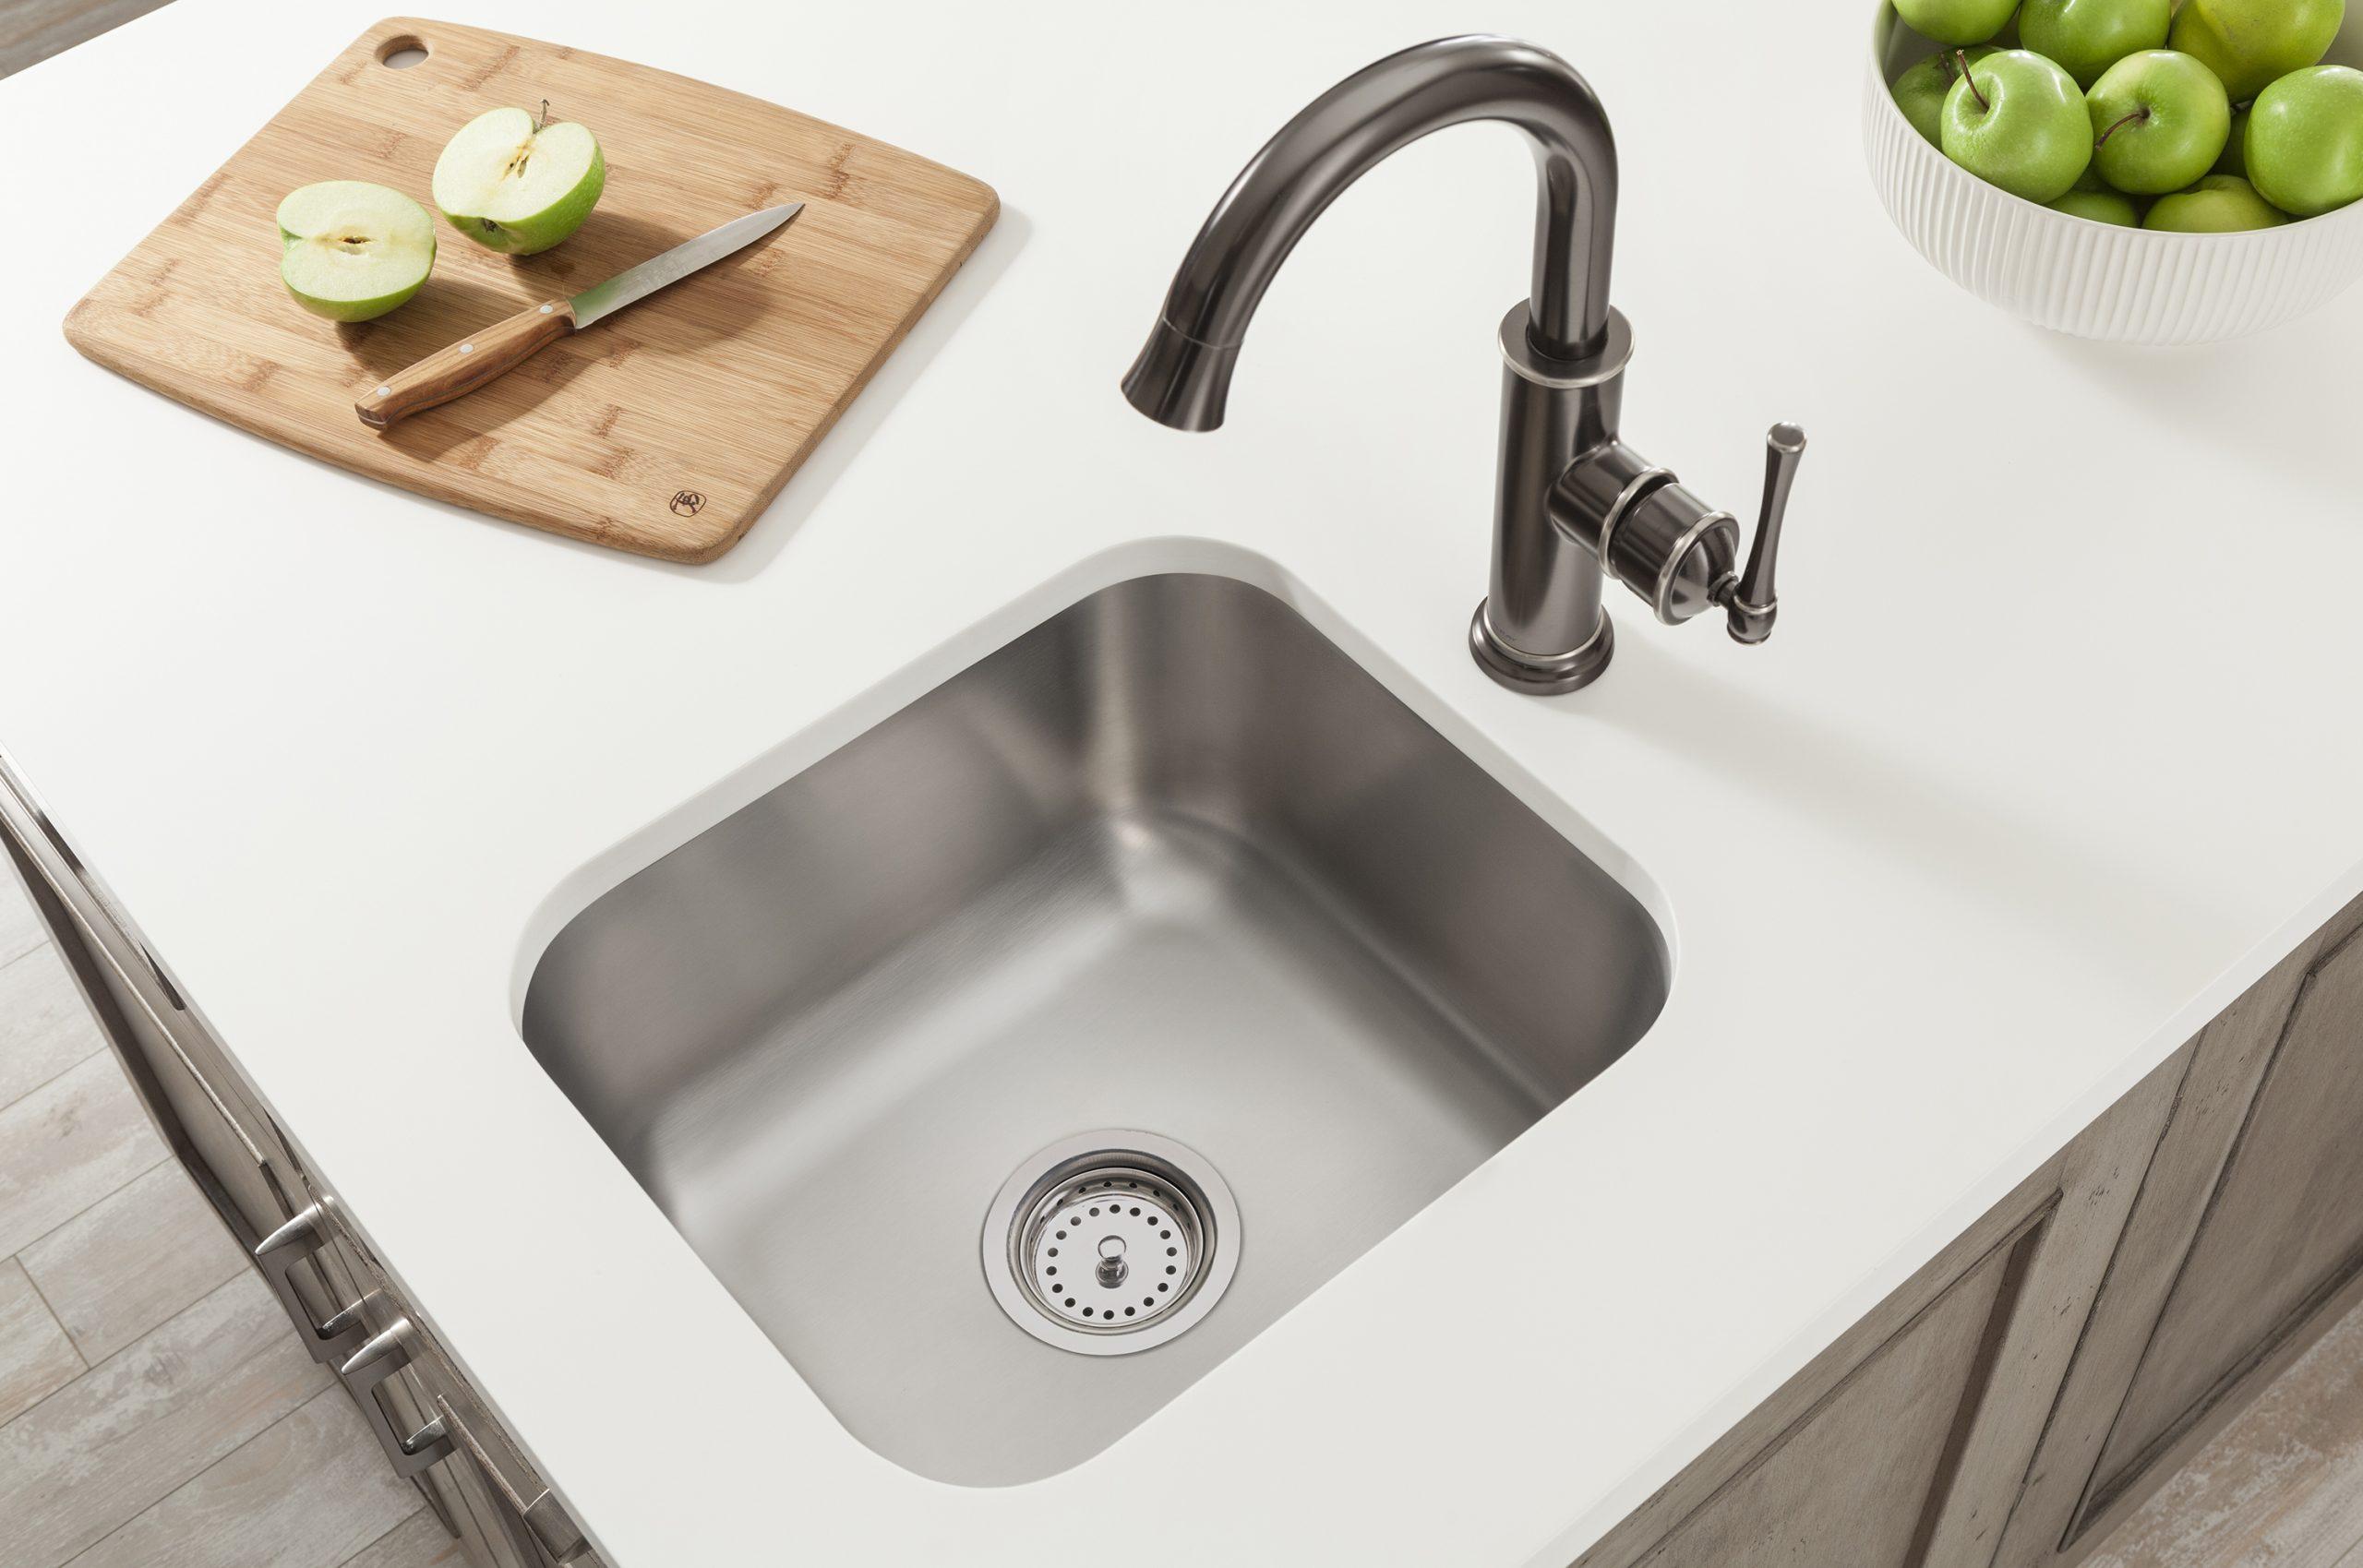 Undermount stainless steel Sinks